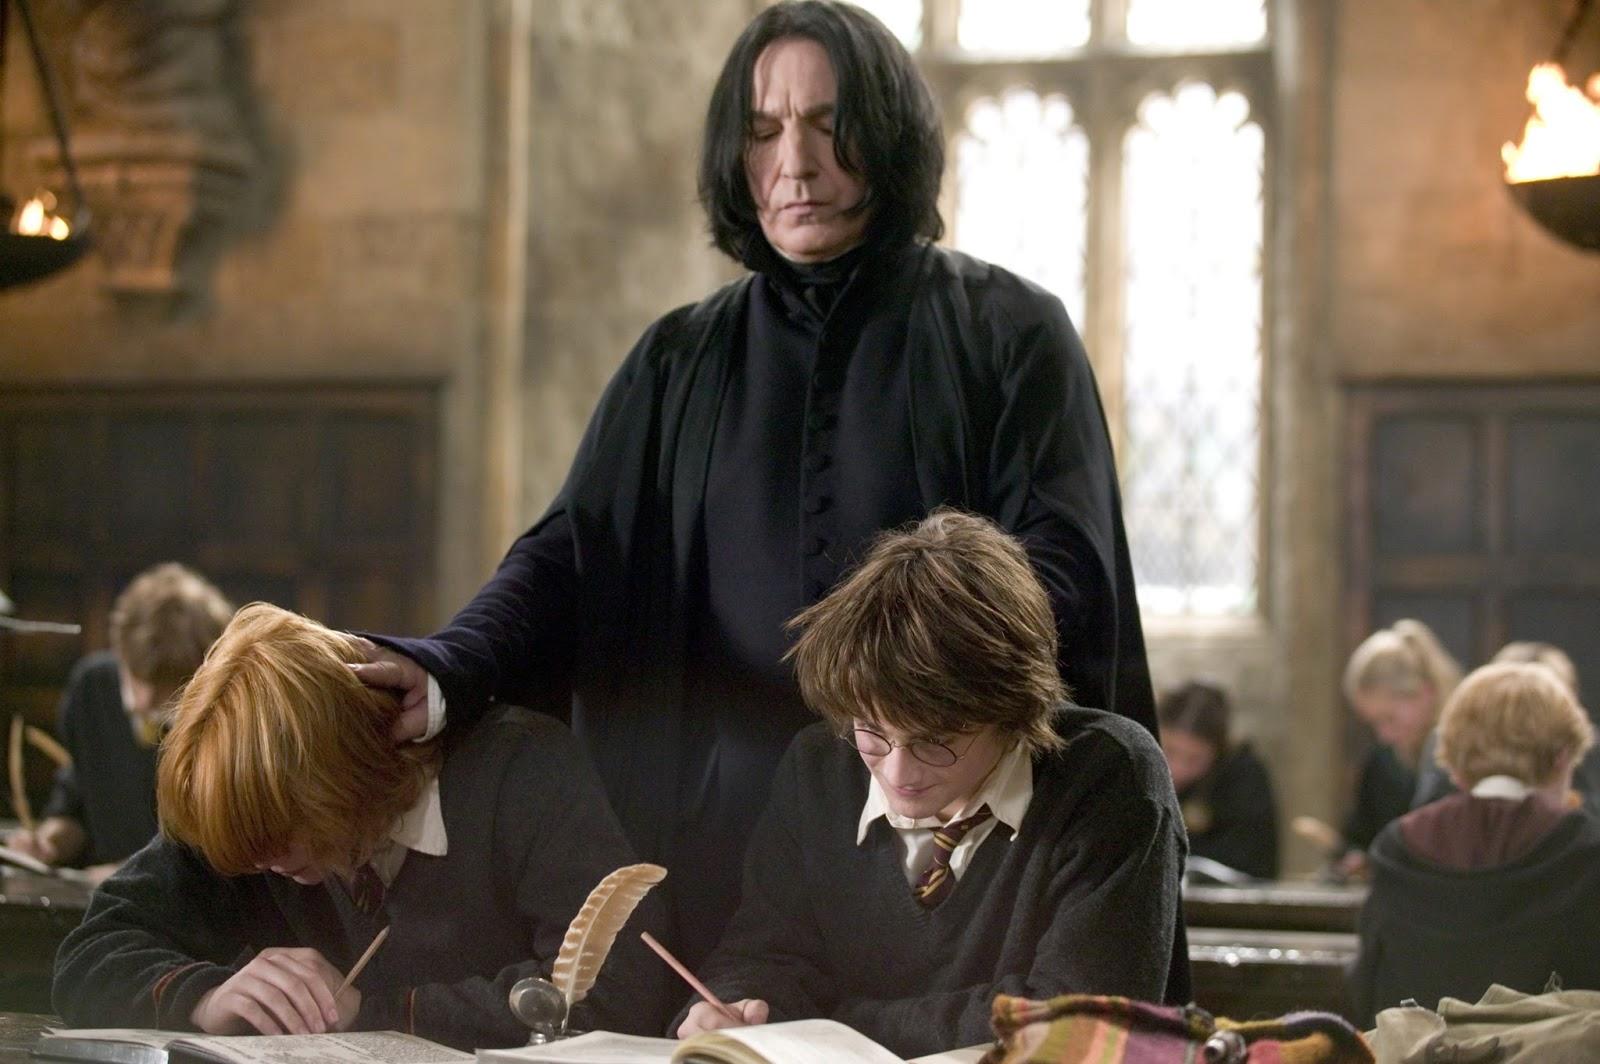 Момент из фильма Гарри Поттер и Кубок огня (2015): Северус Снэйп